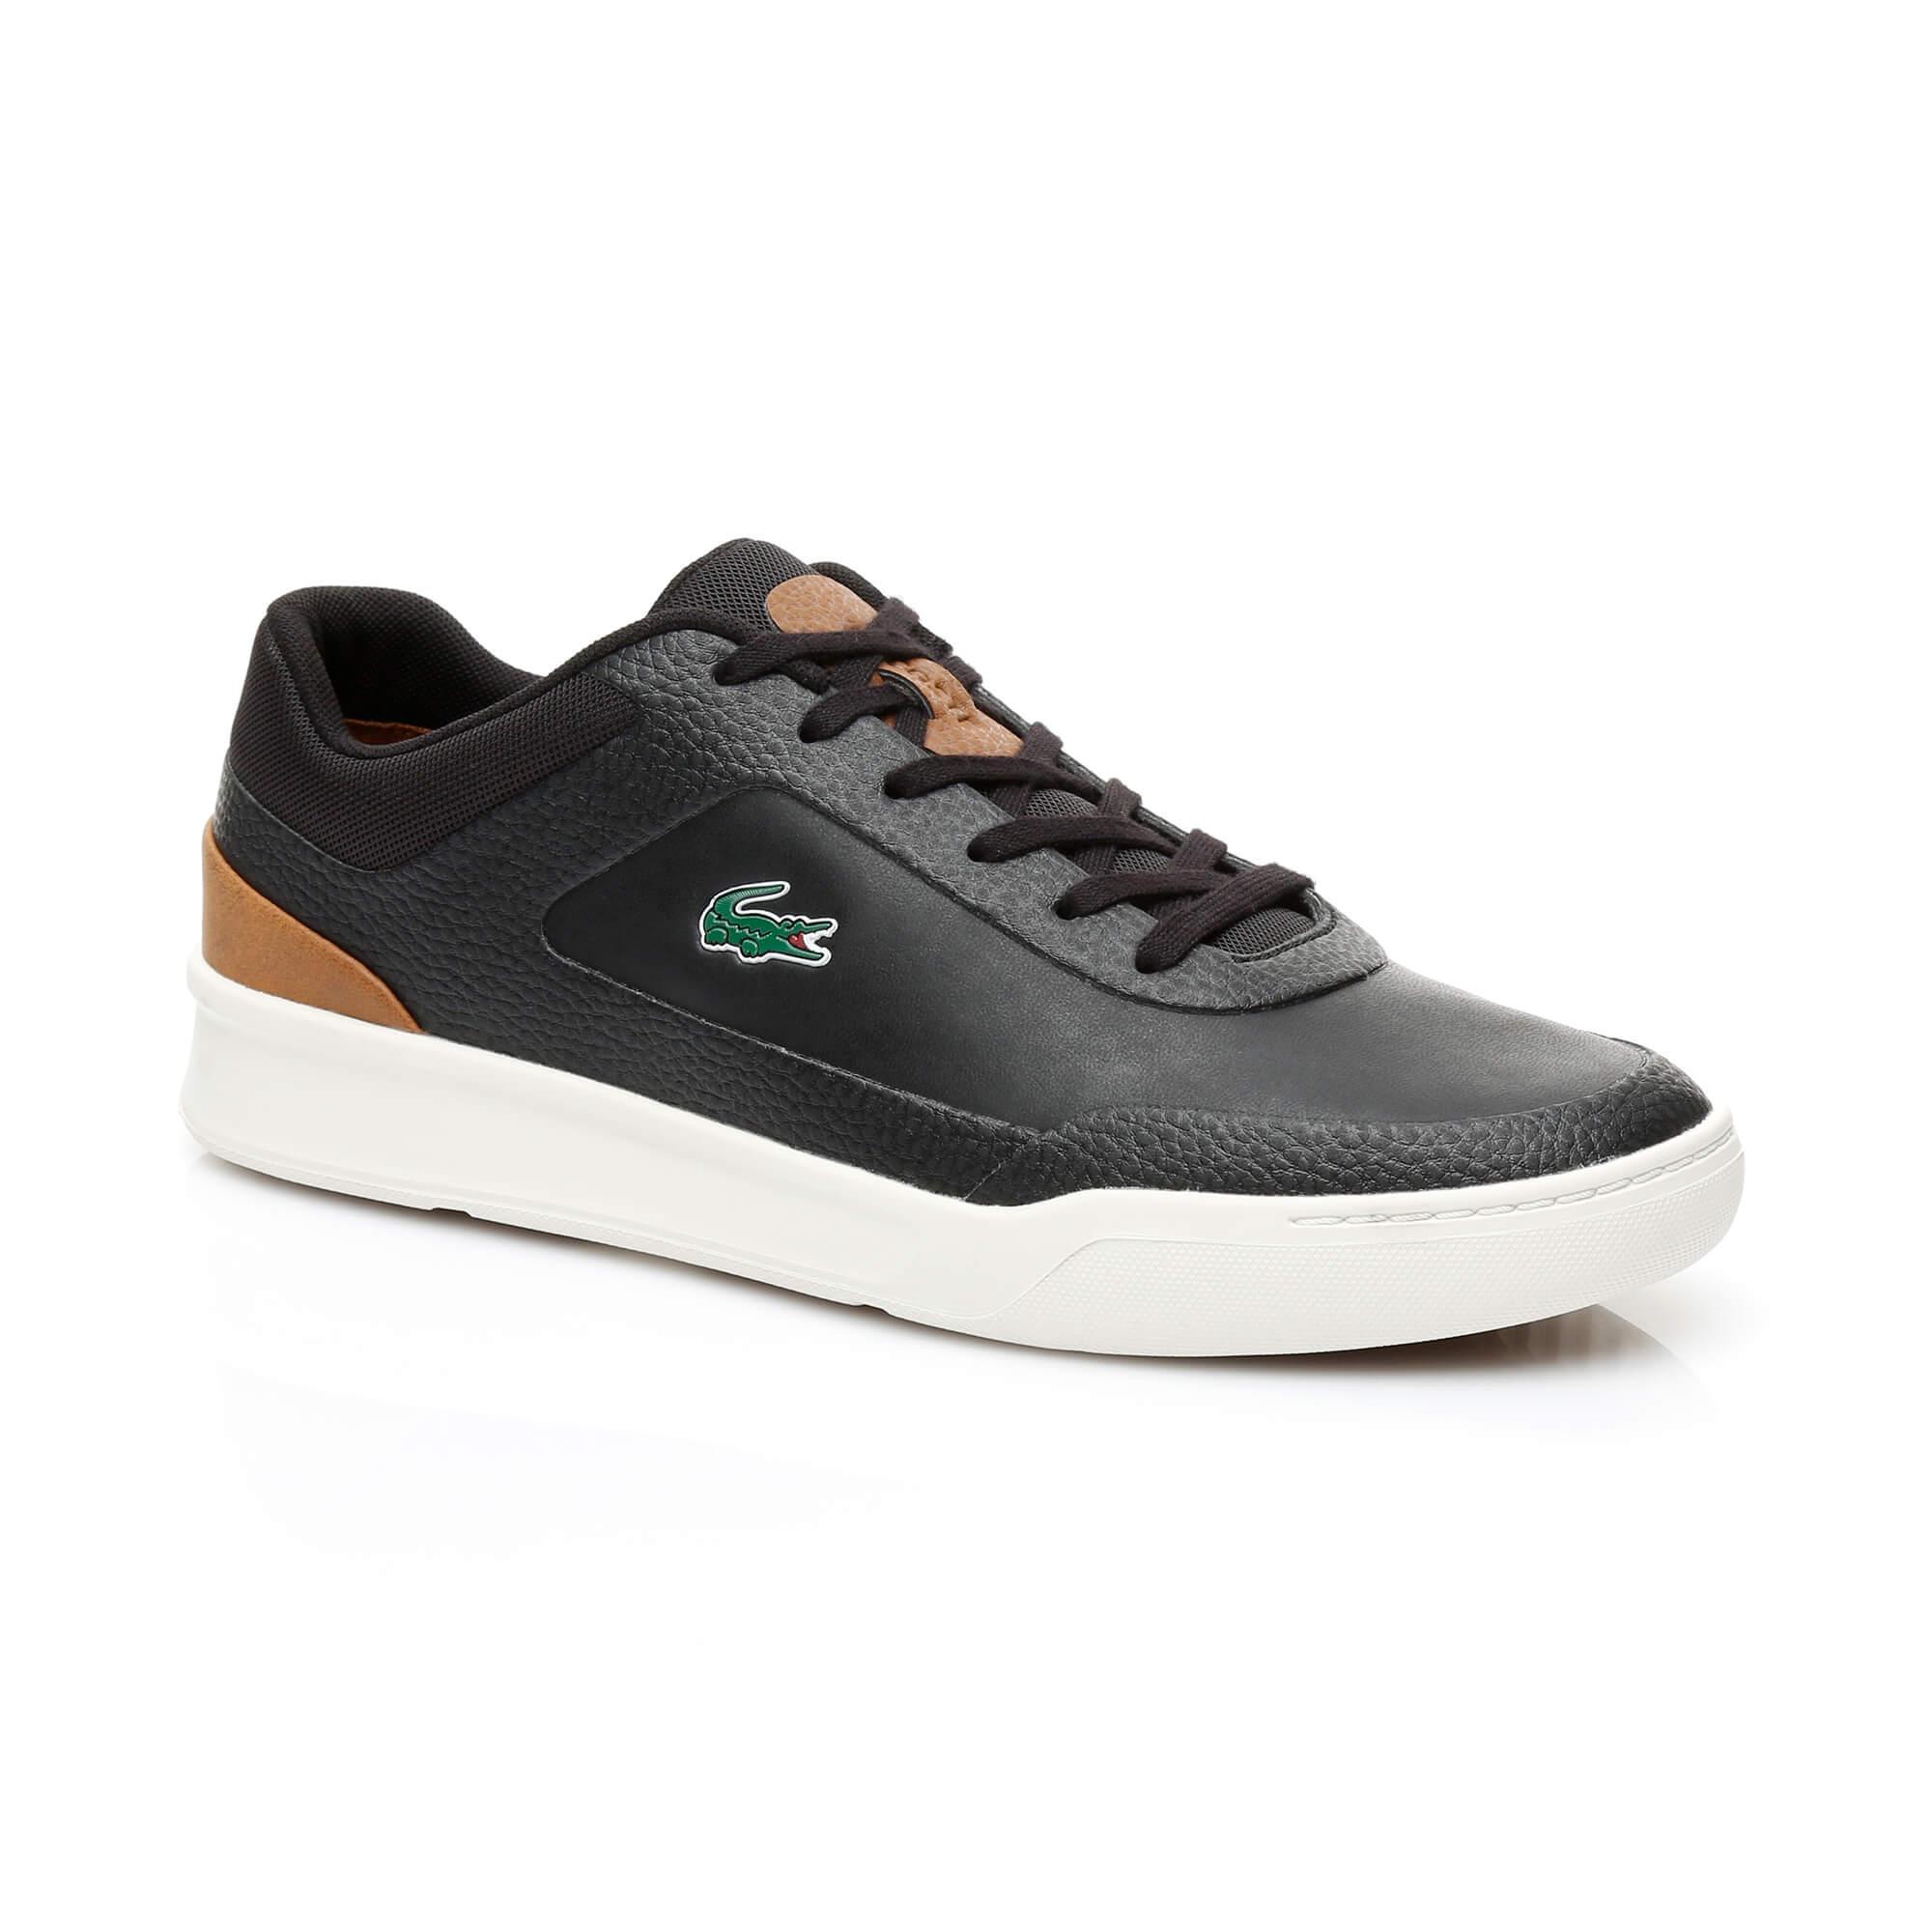 Lacoste Men's Explorateur Sneakers